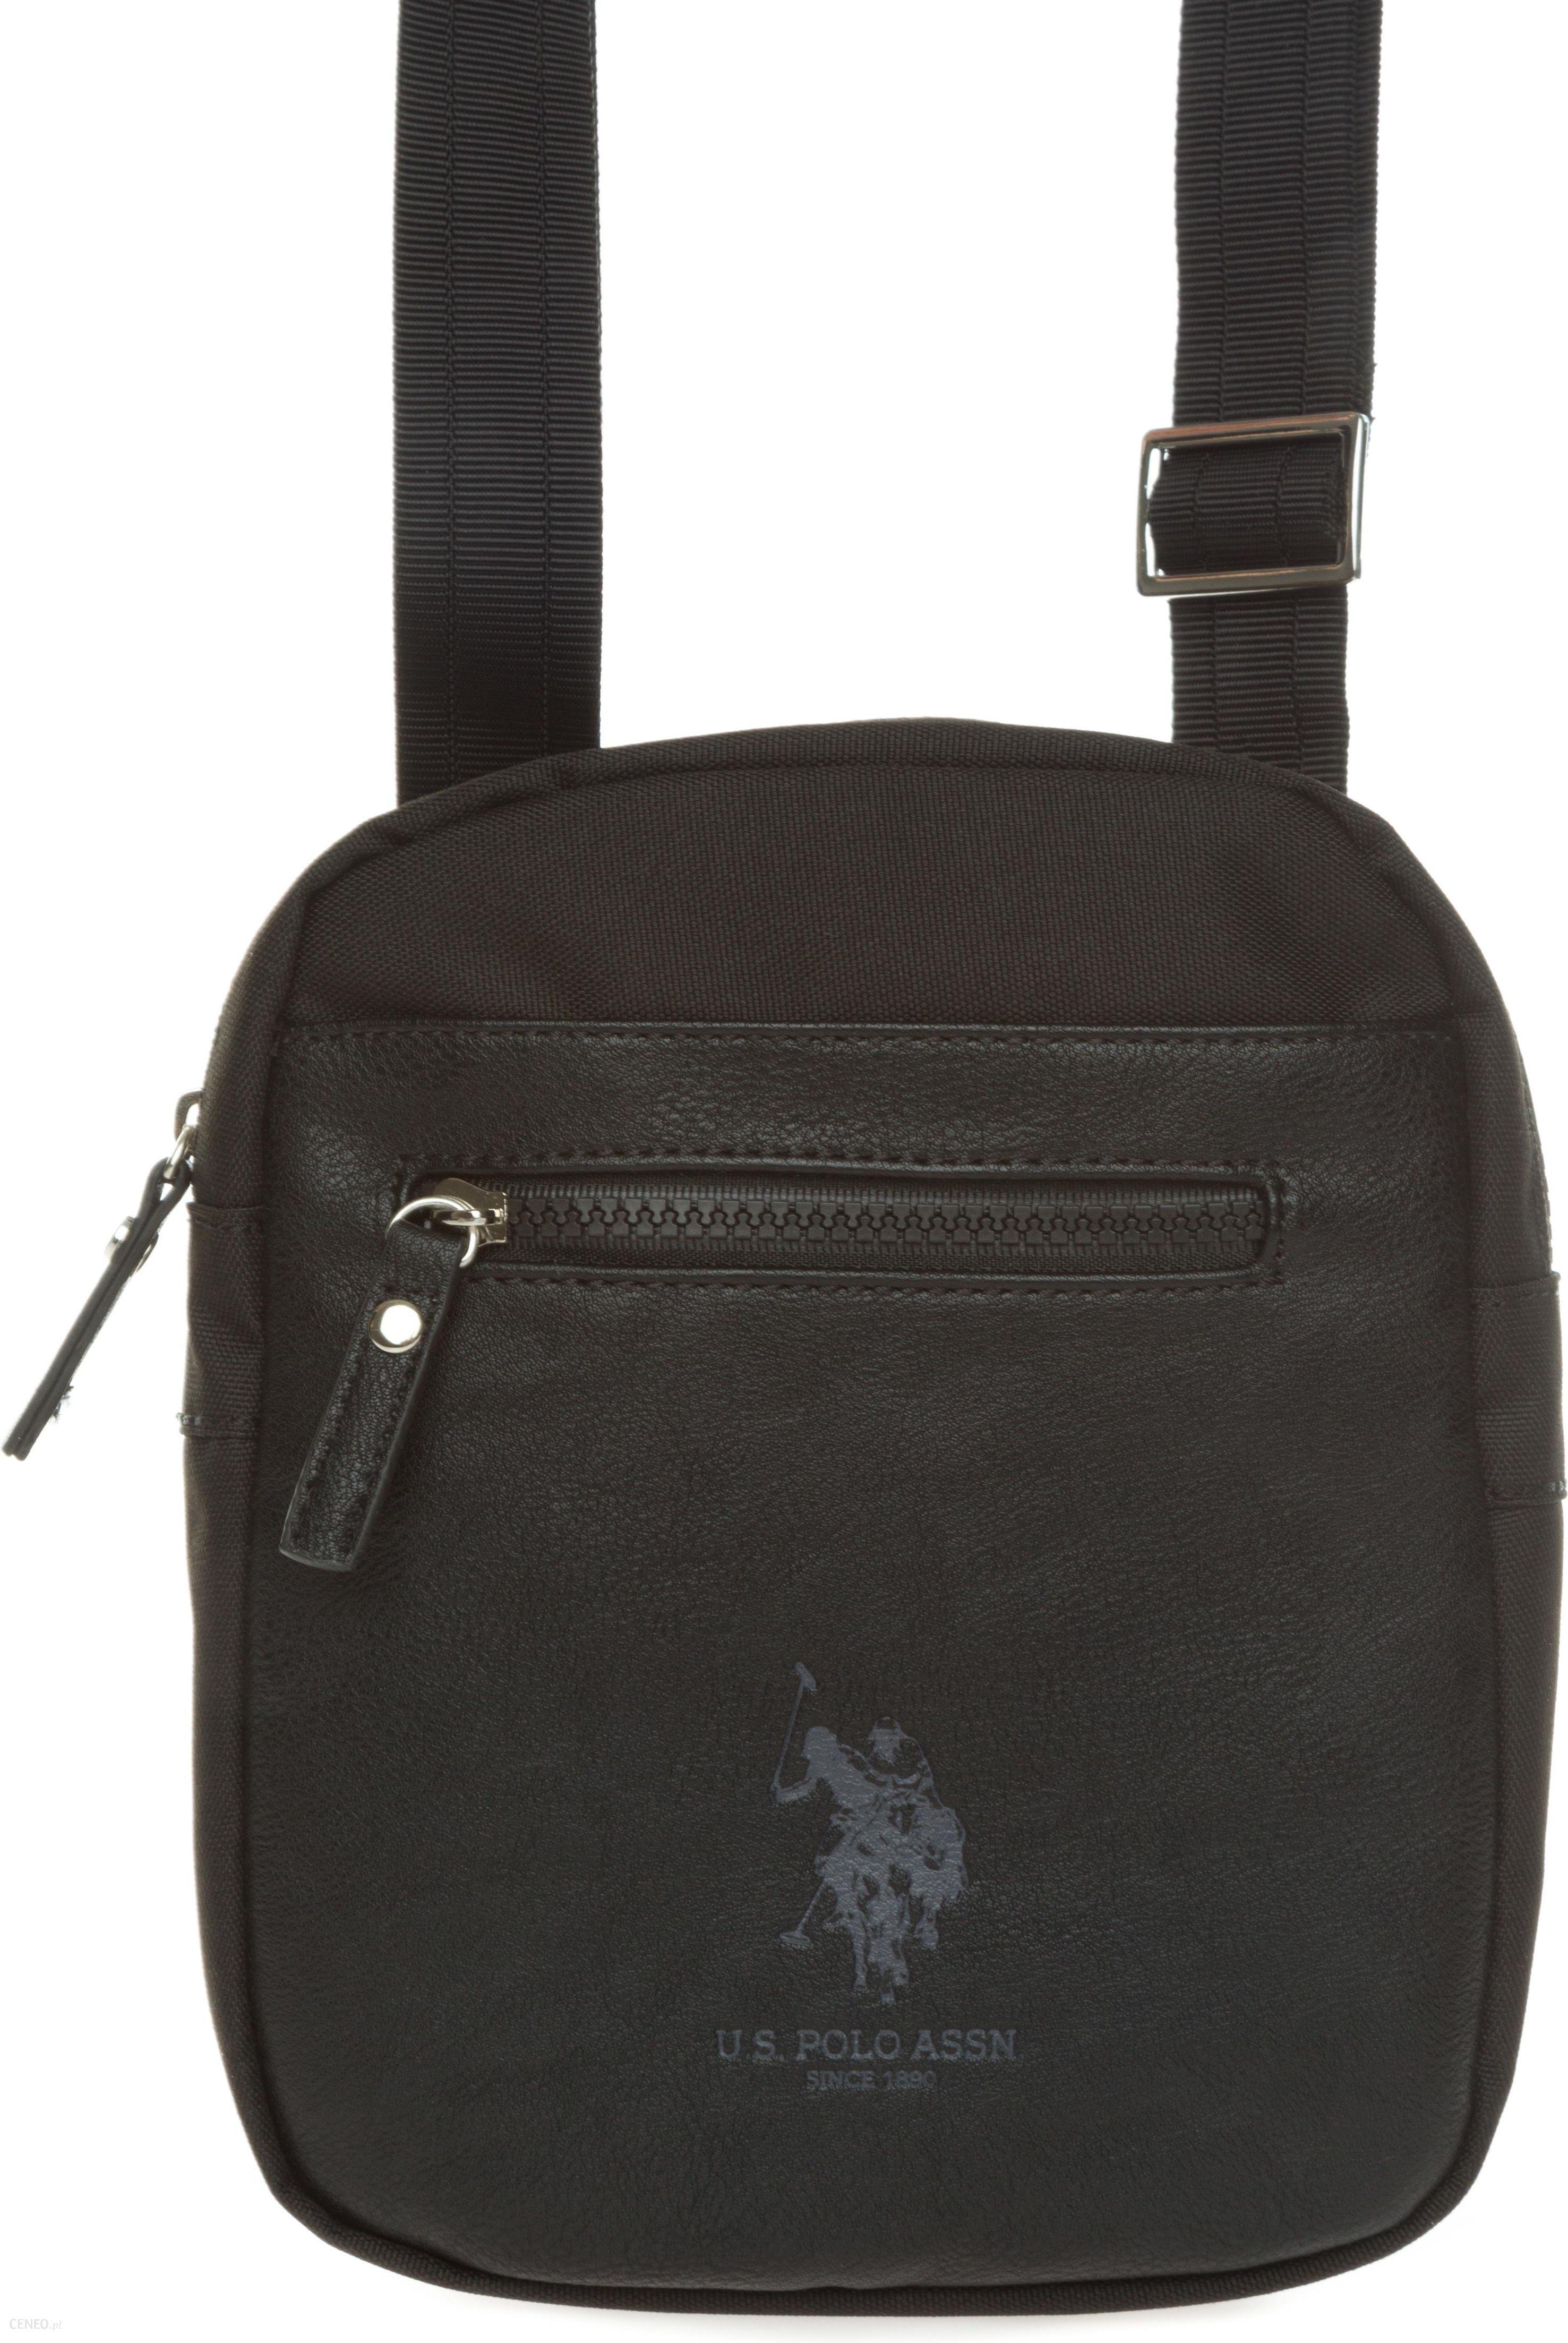 dcf2adbb1781 U.S. Polo Assn Cross body bag Czarny UNI - Ceny i opinie - Ceneo.pl